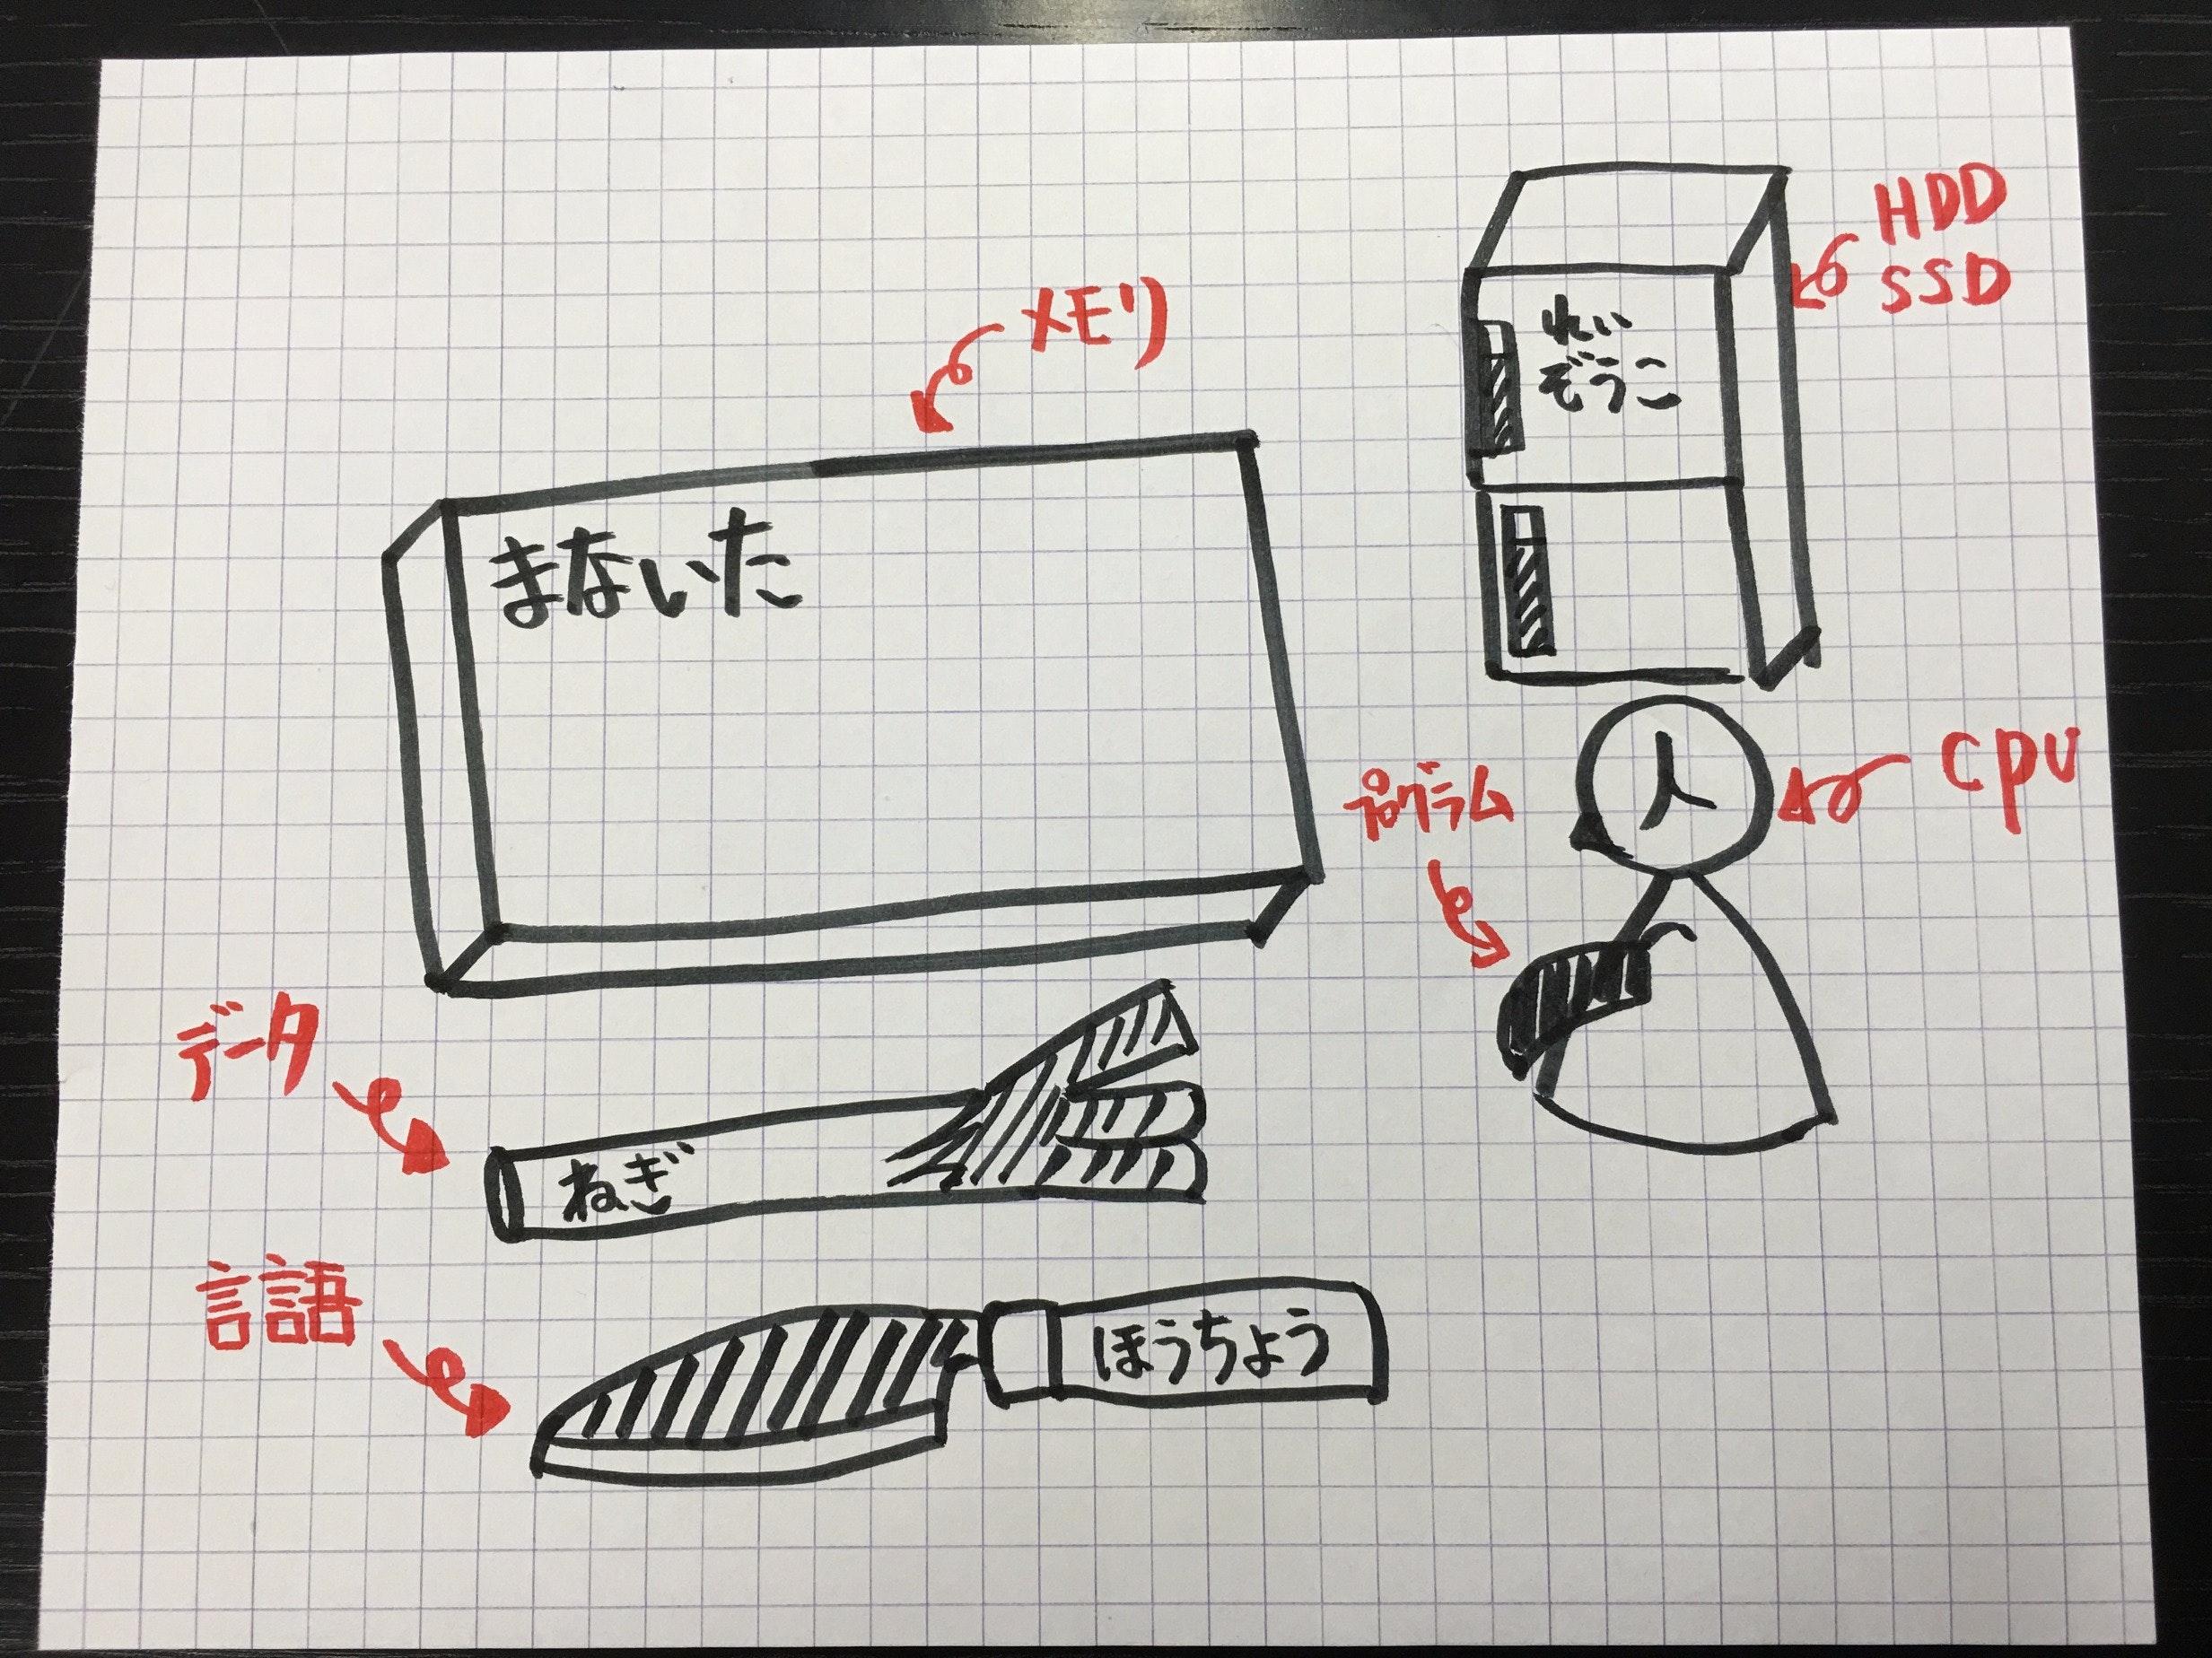 ハードウェアを理解してもらうのにわかりやすい例